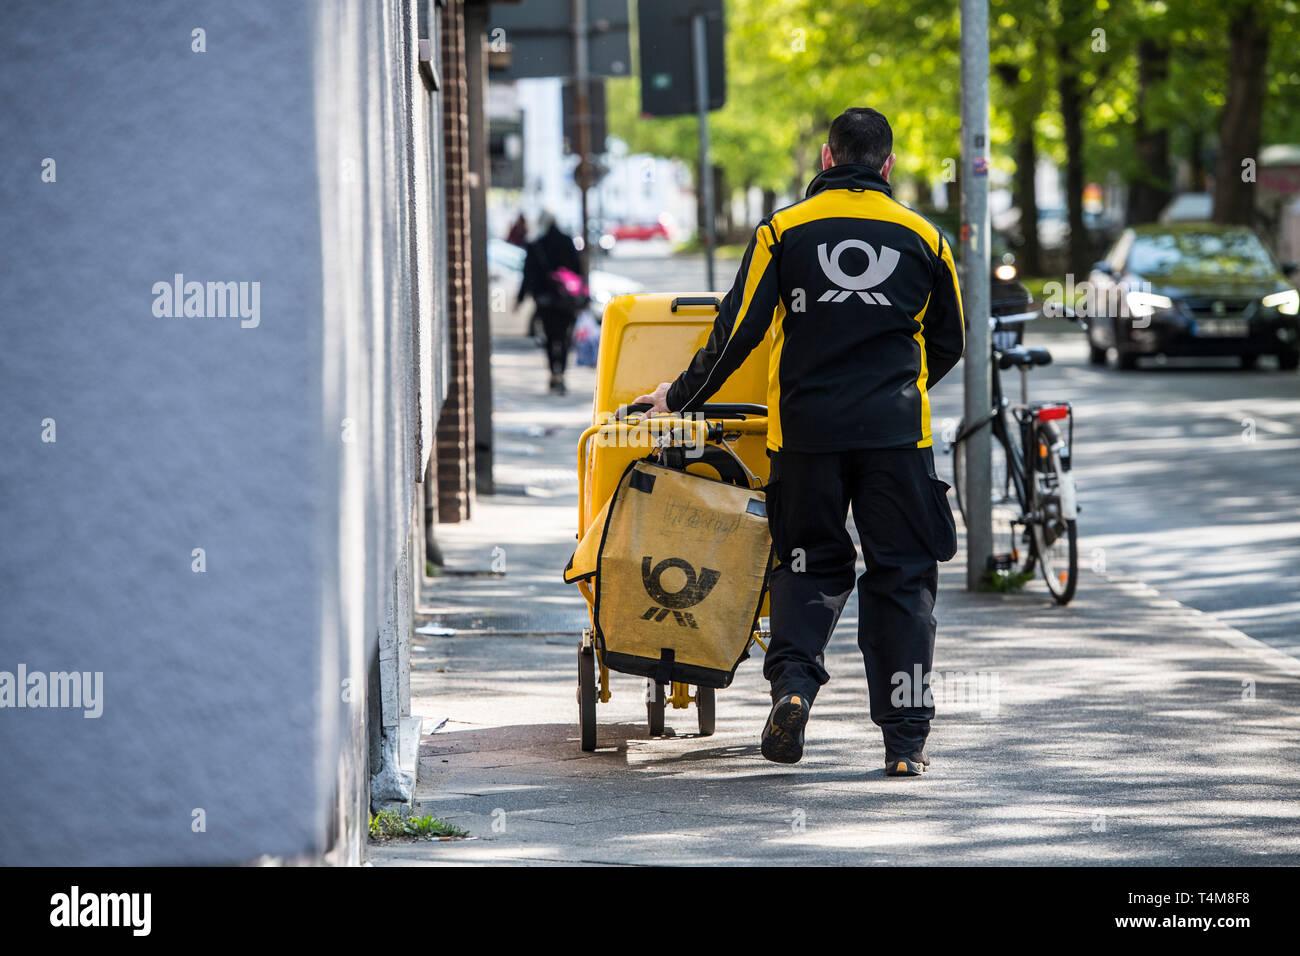 Postbote in der Großstadt zu Fuss unterwegs. - Stock Image